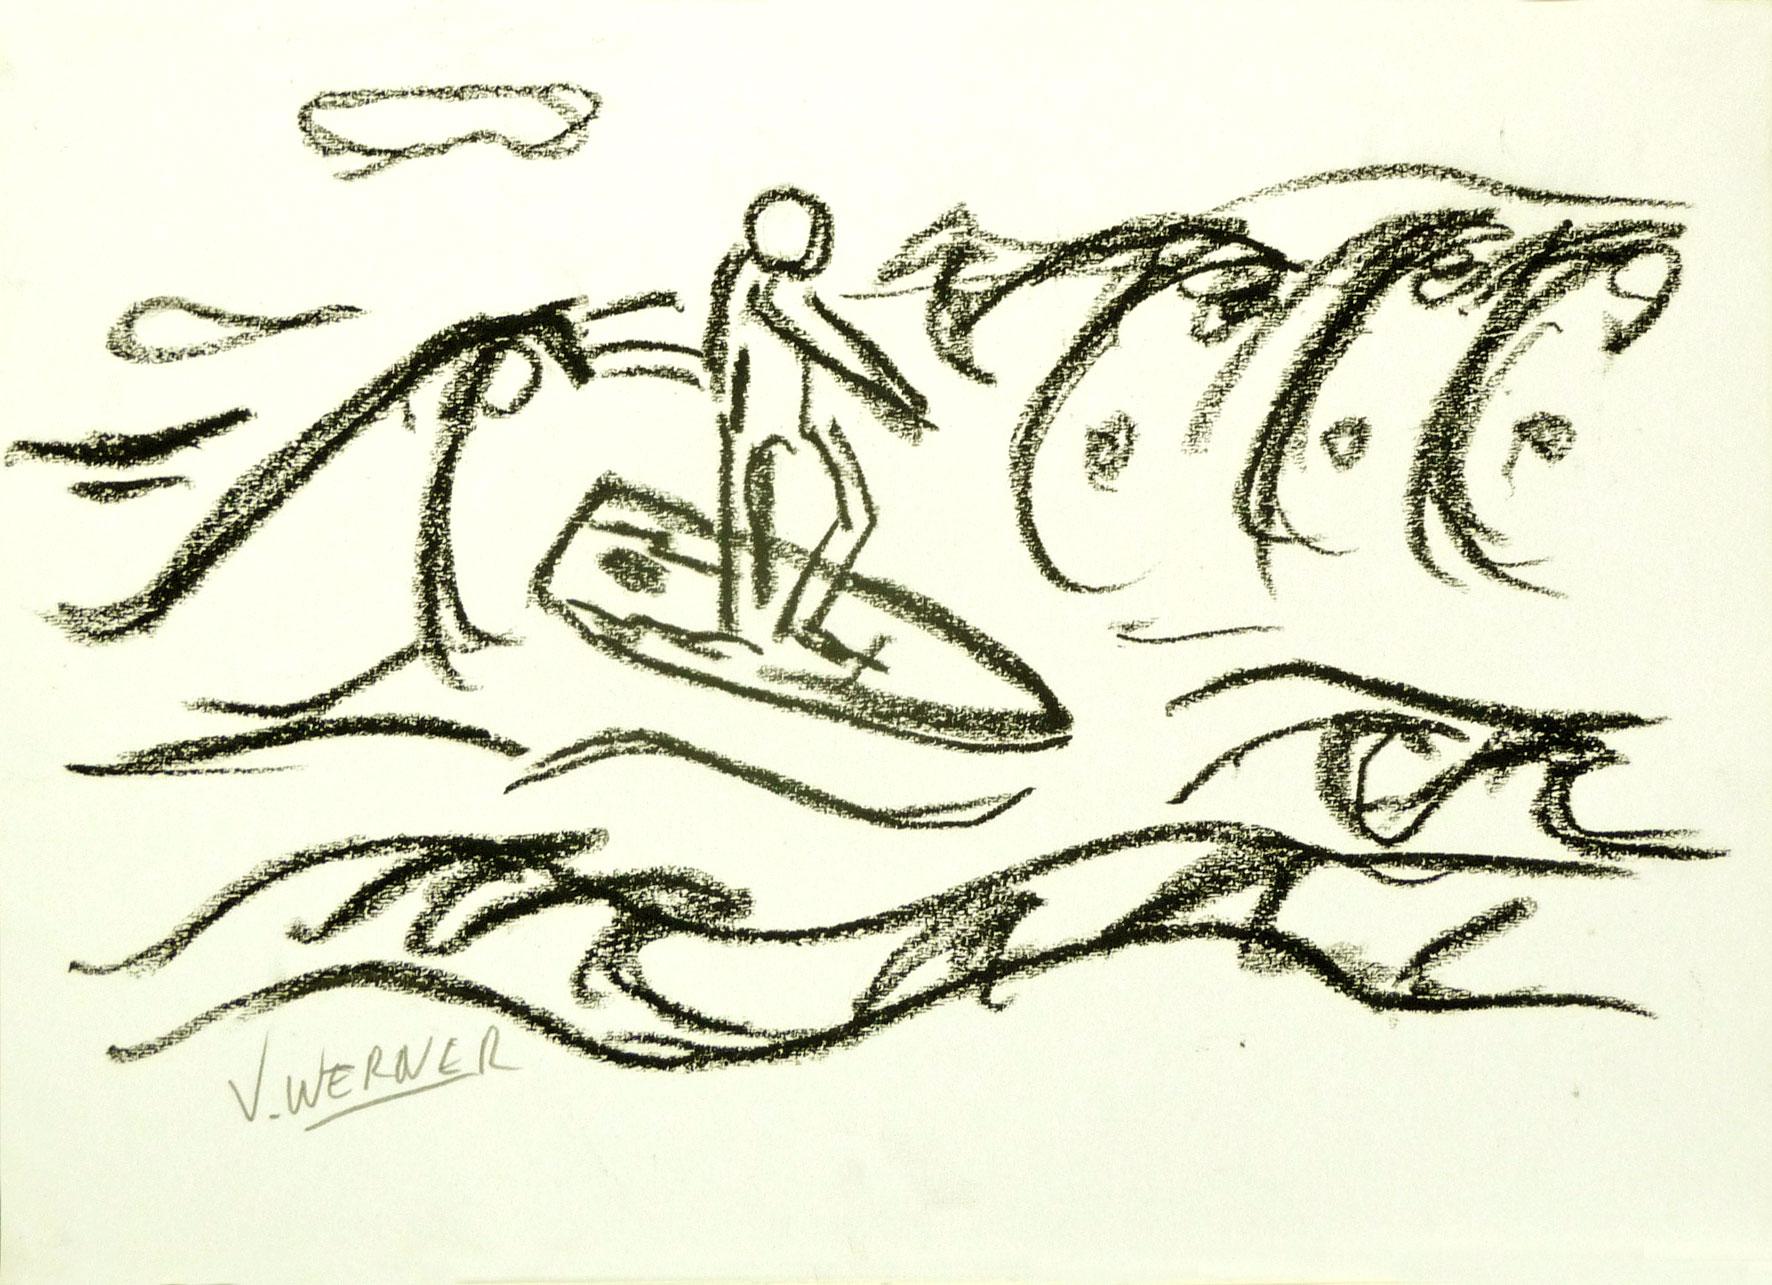 Surfer op de golven - zwart wit strand tekeningen, te koop